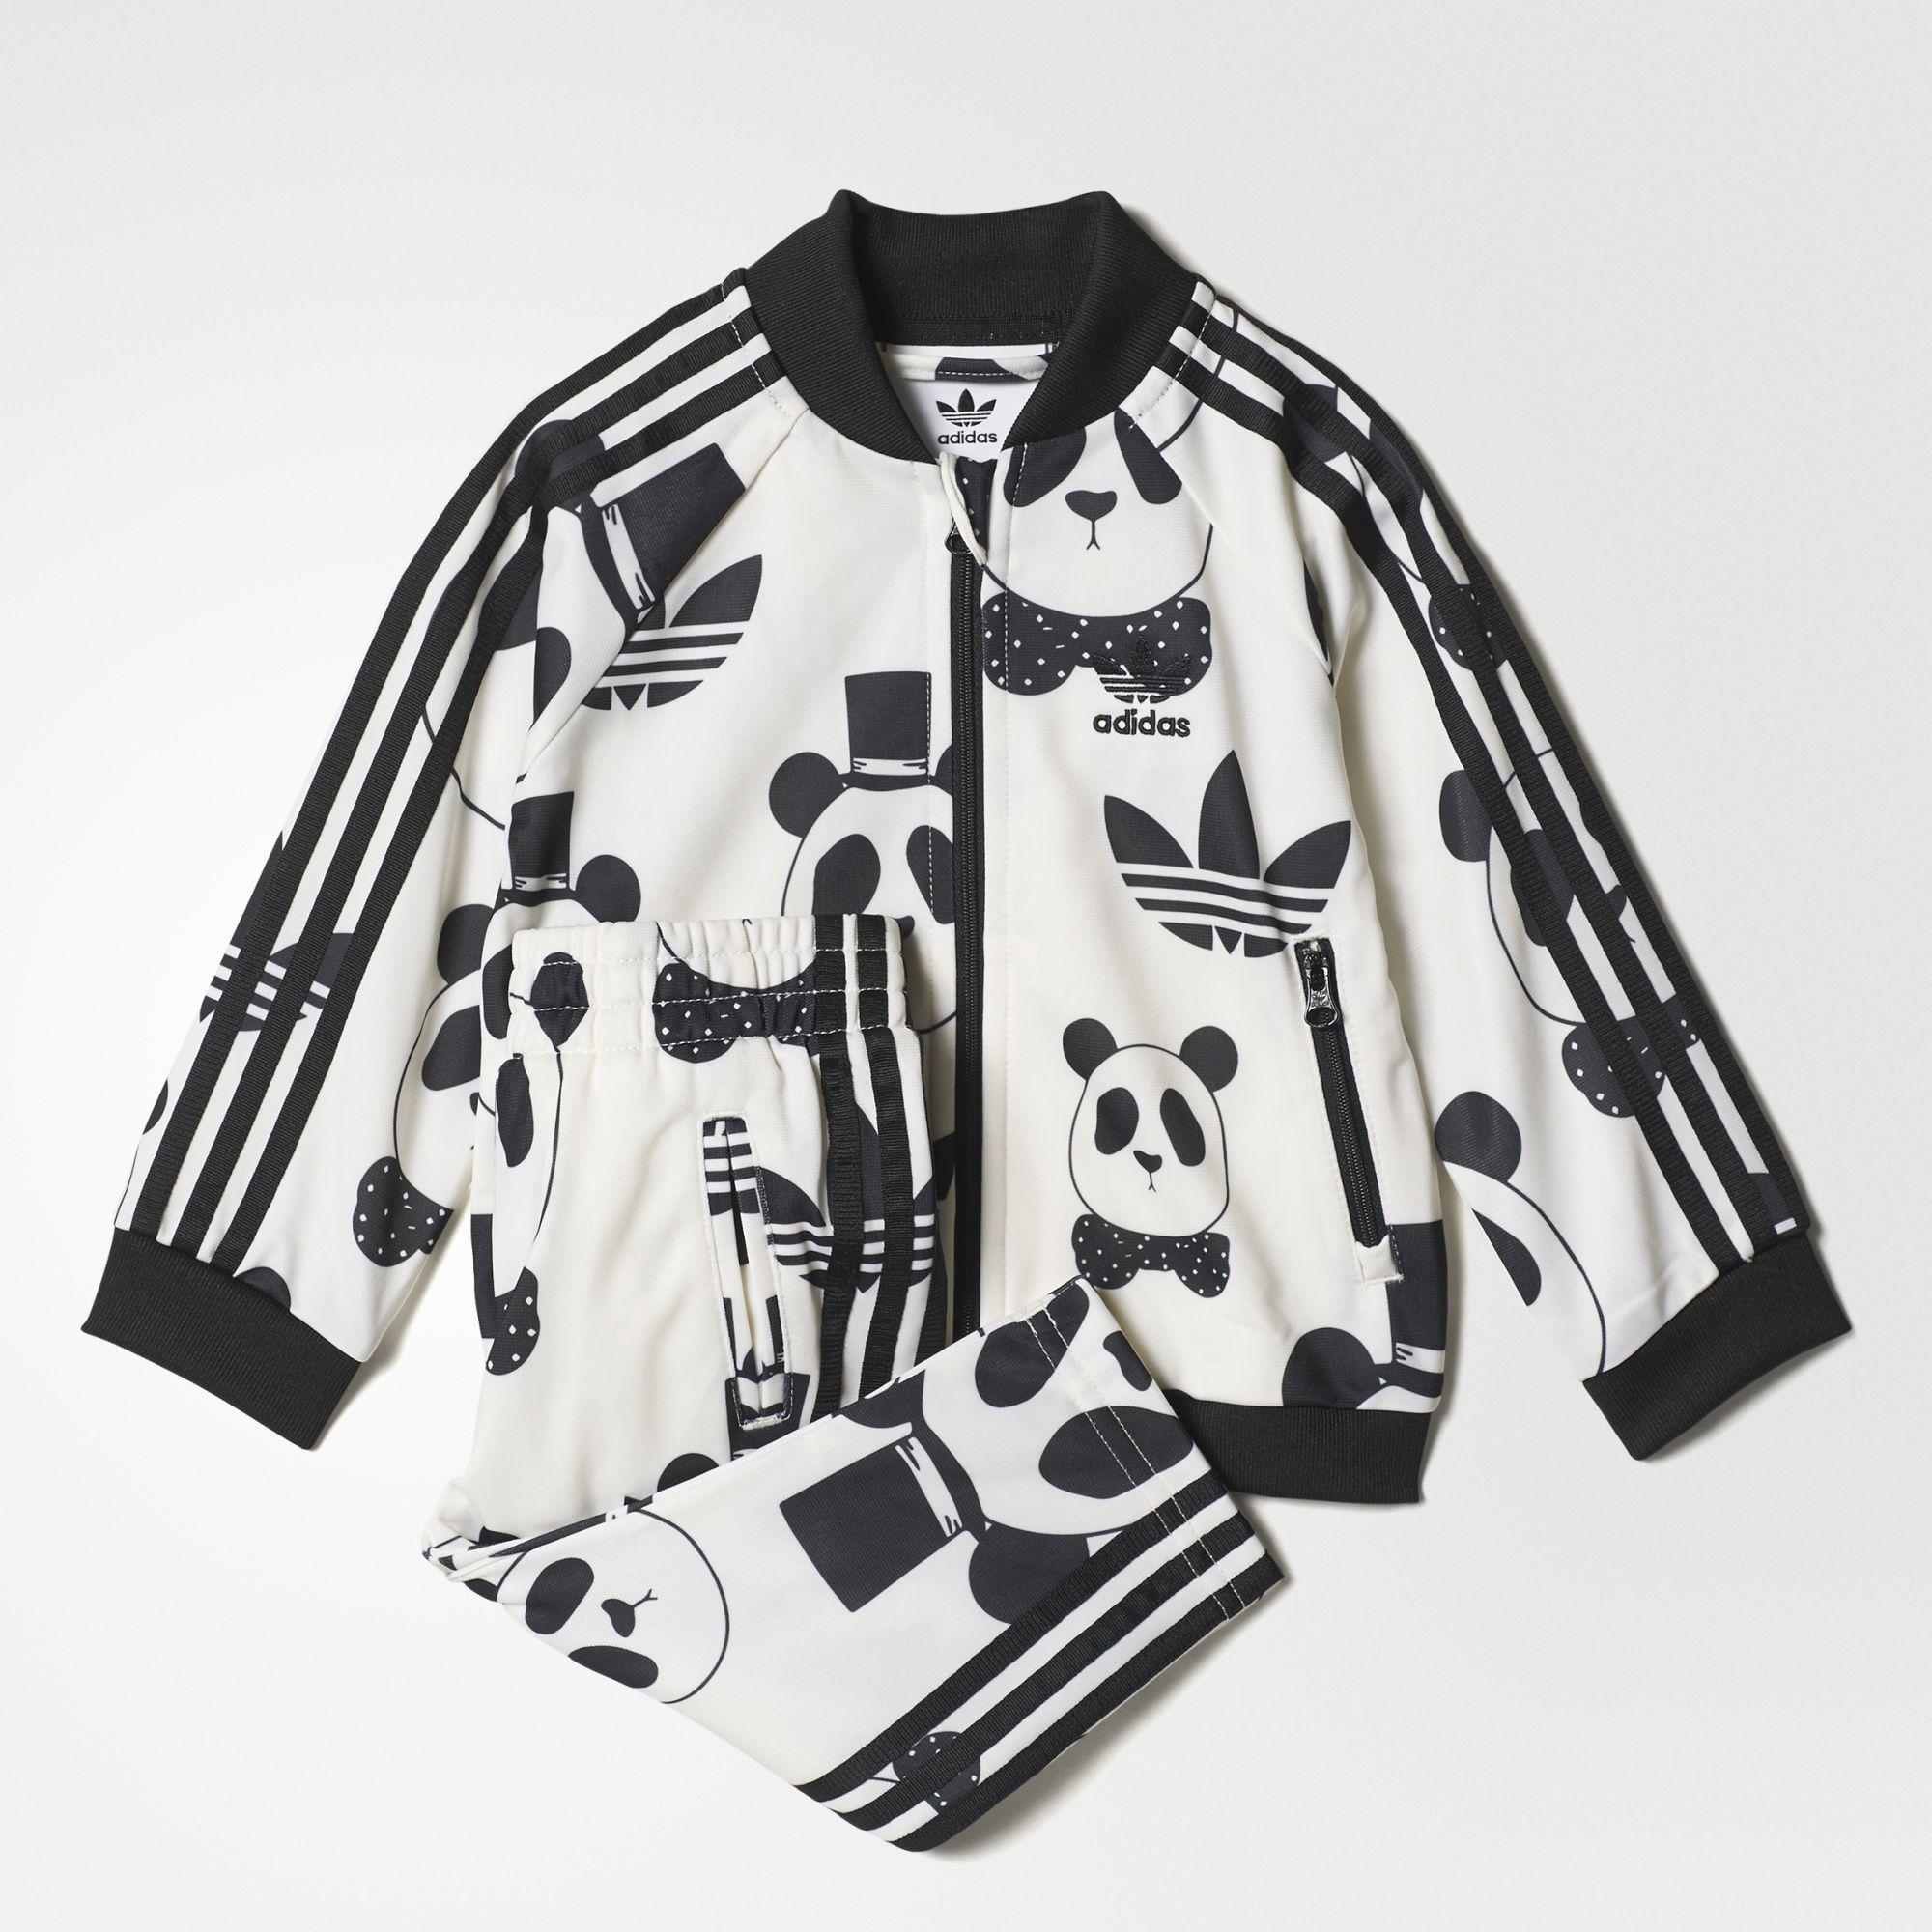 9ad7bab633b1f adidas - Mini Rodini SST Track Suit